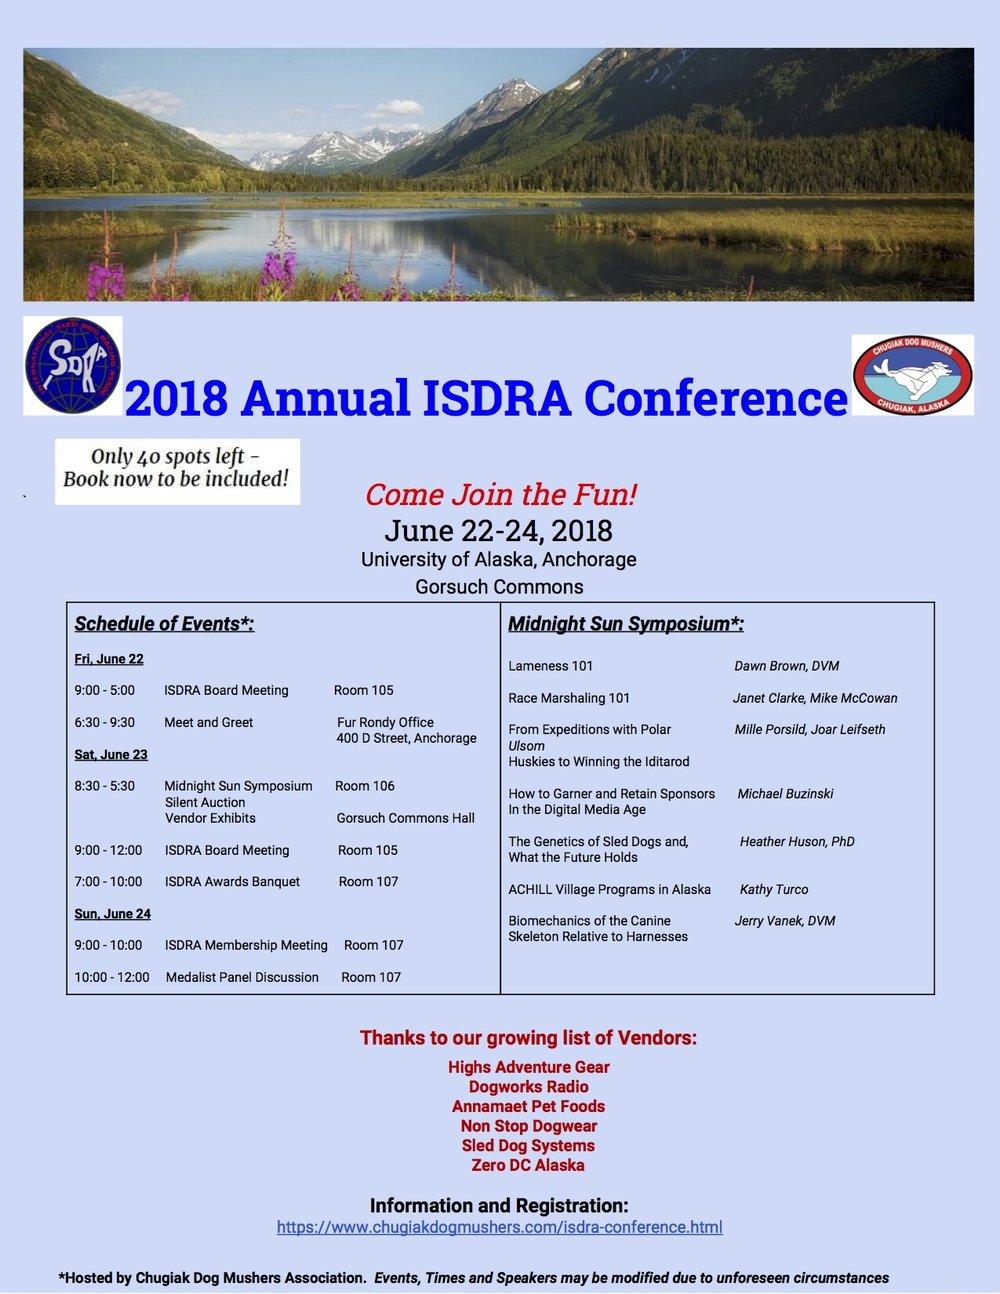 Internationa Sled Dog Racing Association Symposium, June 22-24